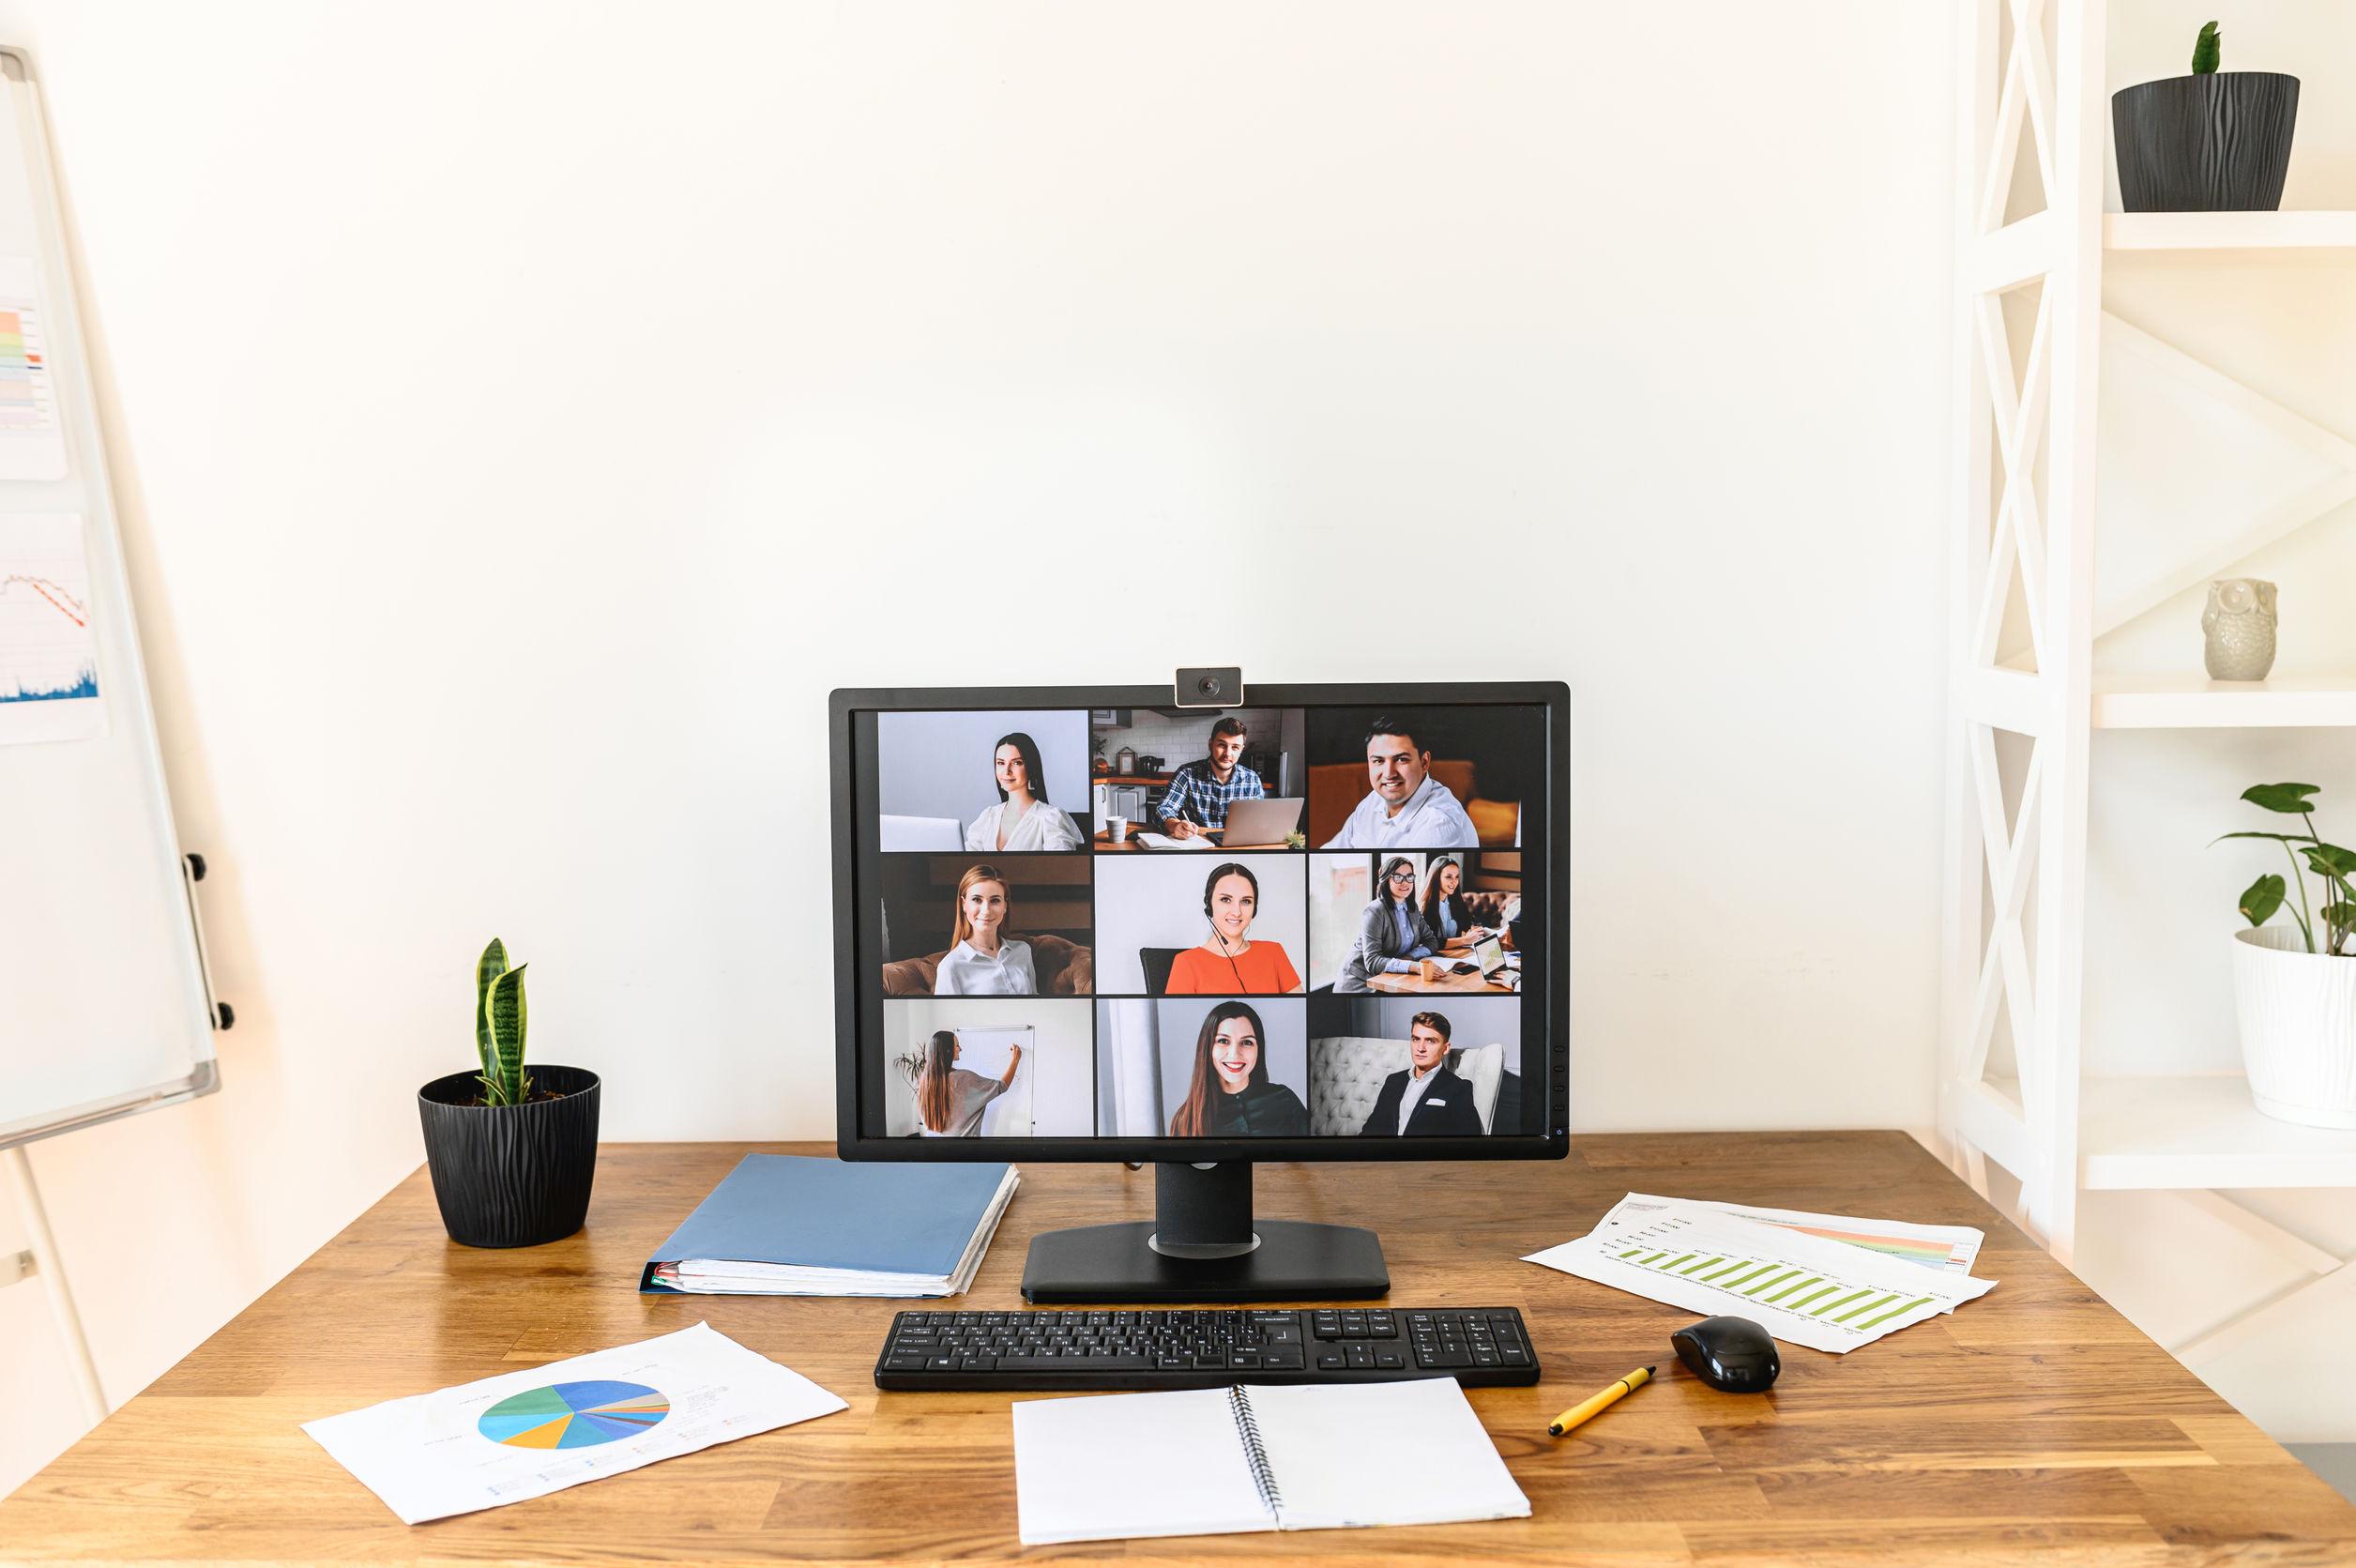 Monitor do computador com várias pessoas em reunião on-line usando webcam